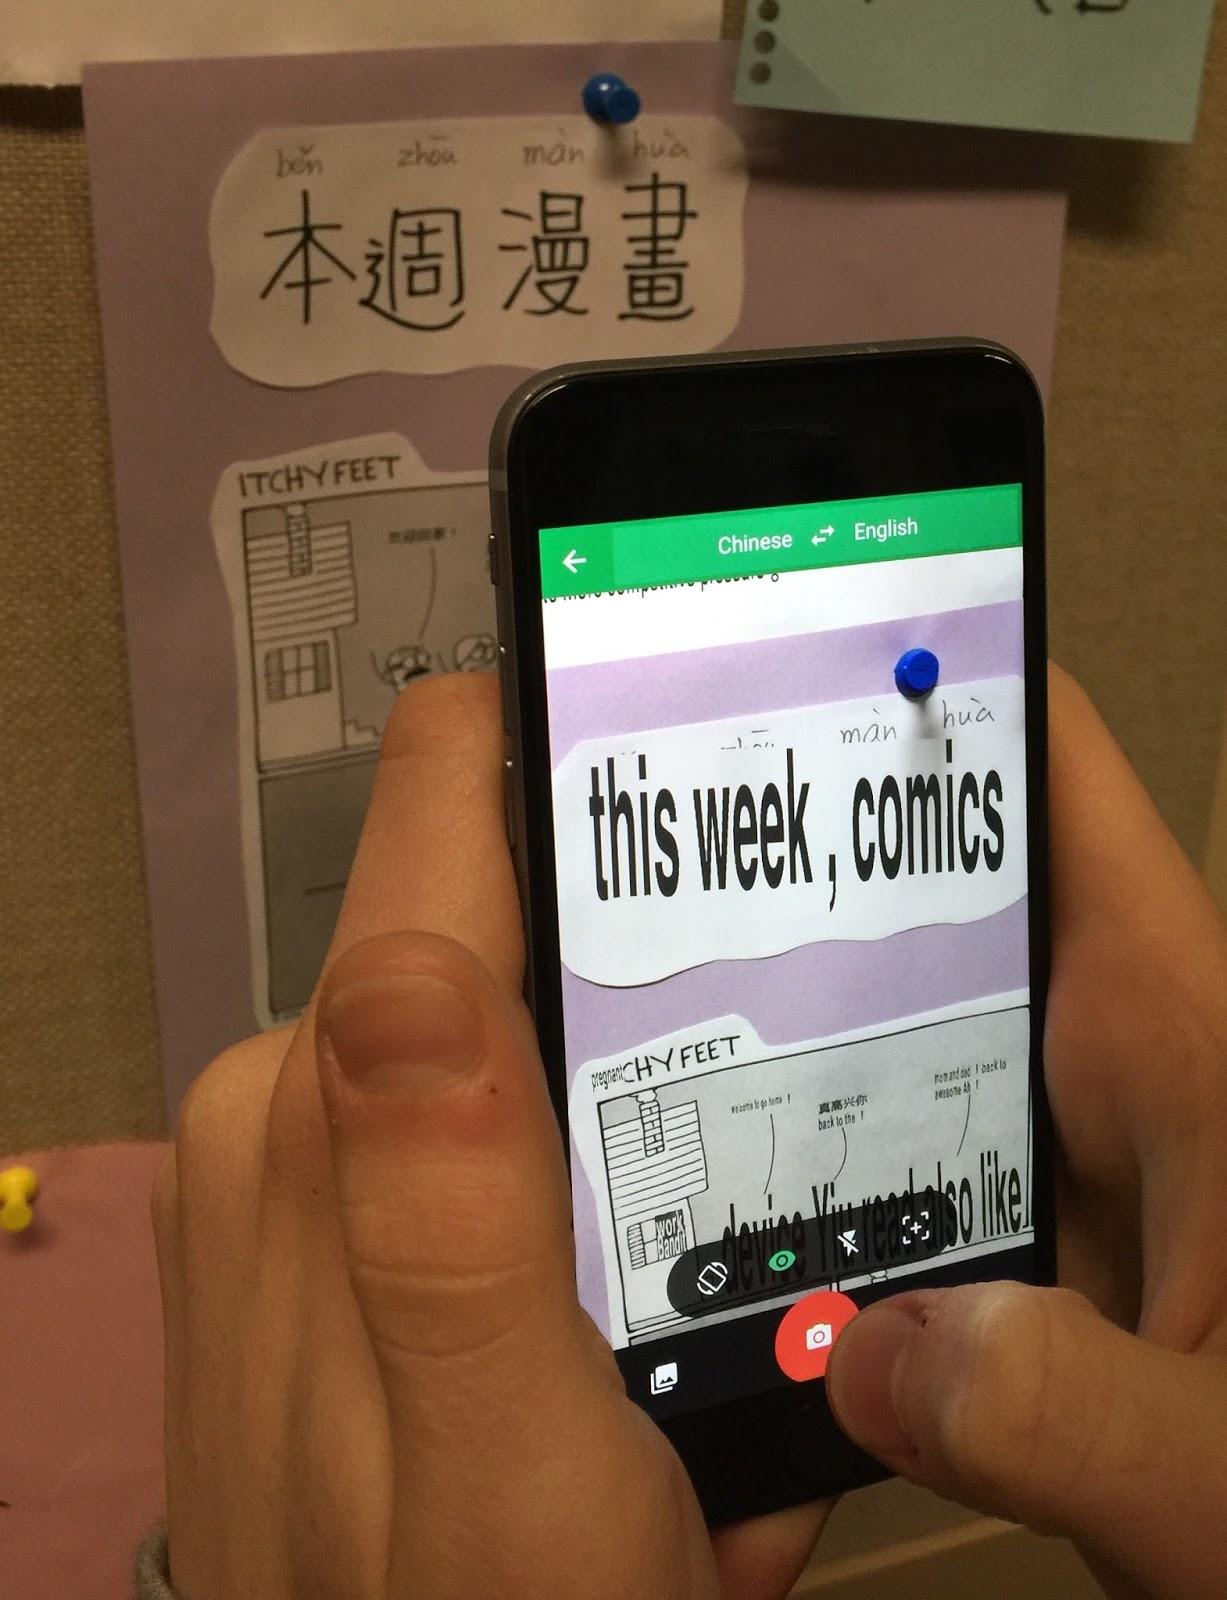 新的Google Translate App 直接翻譯圖片上的文字 – Frances Fu's Blog